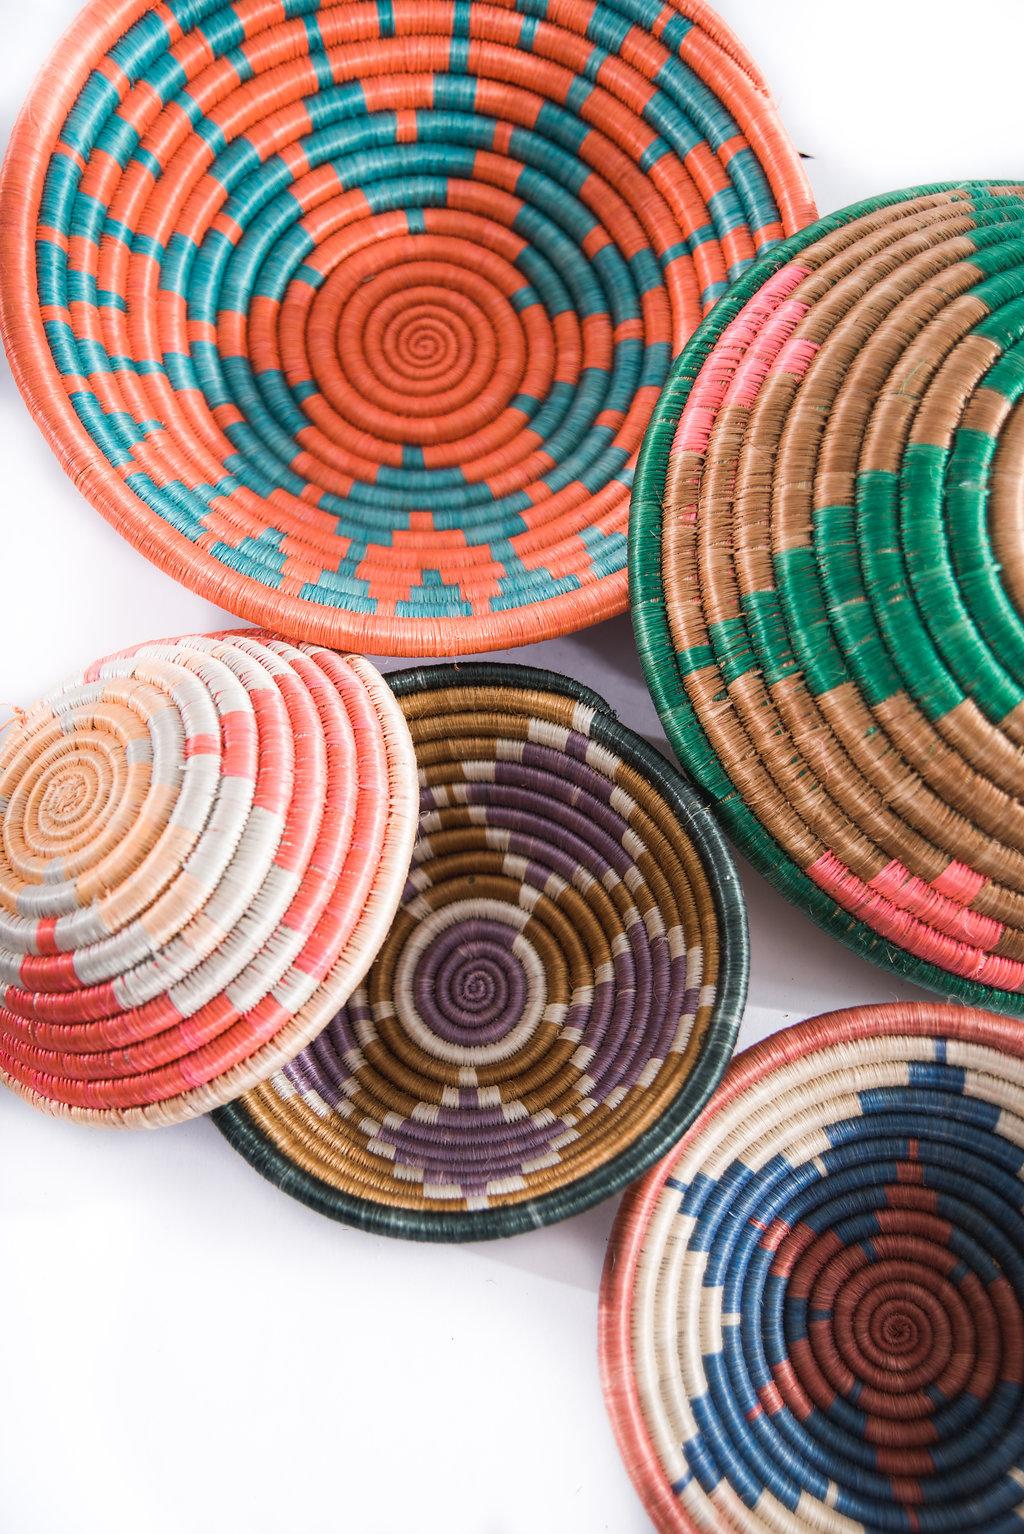 Rwanda Baskets Detail.jpg